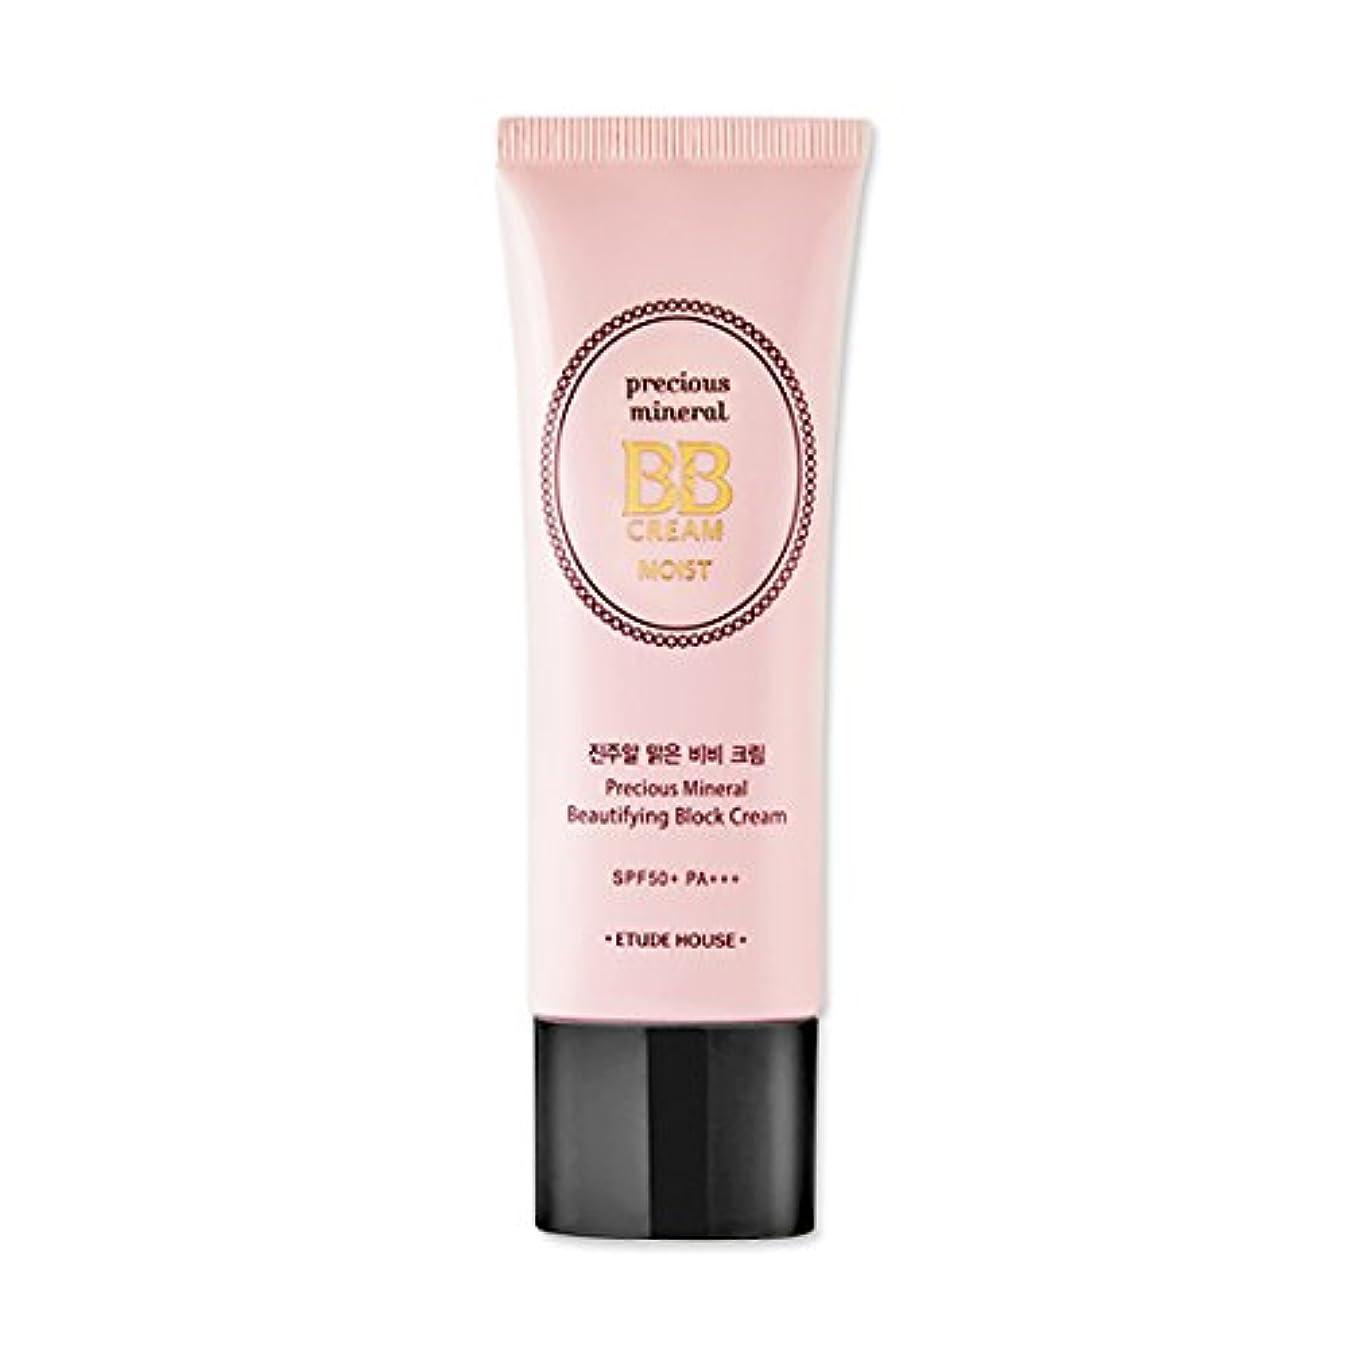 アイドル差別引き出す[New] ETUDE HOUSE Precious Mineral BB Cream * Moist * 45g/エチュードハウス プレシャス ミネラル BBクリーム * モイスト * 45g (#Sand) [並行輸入品]